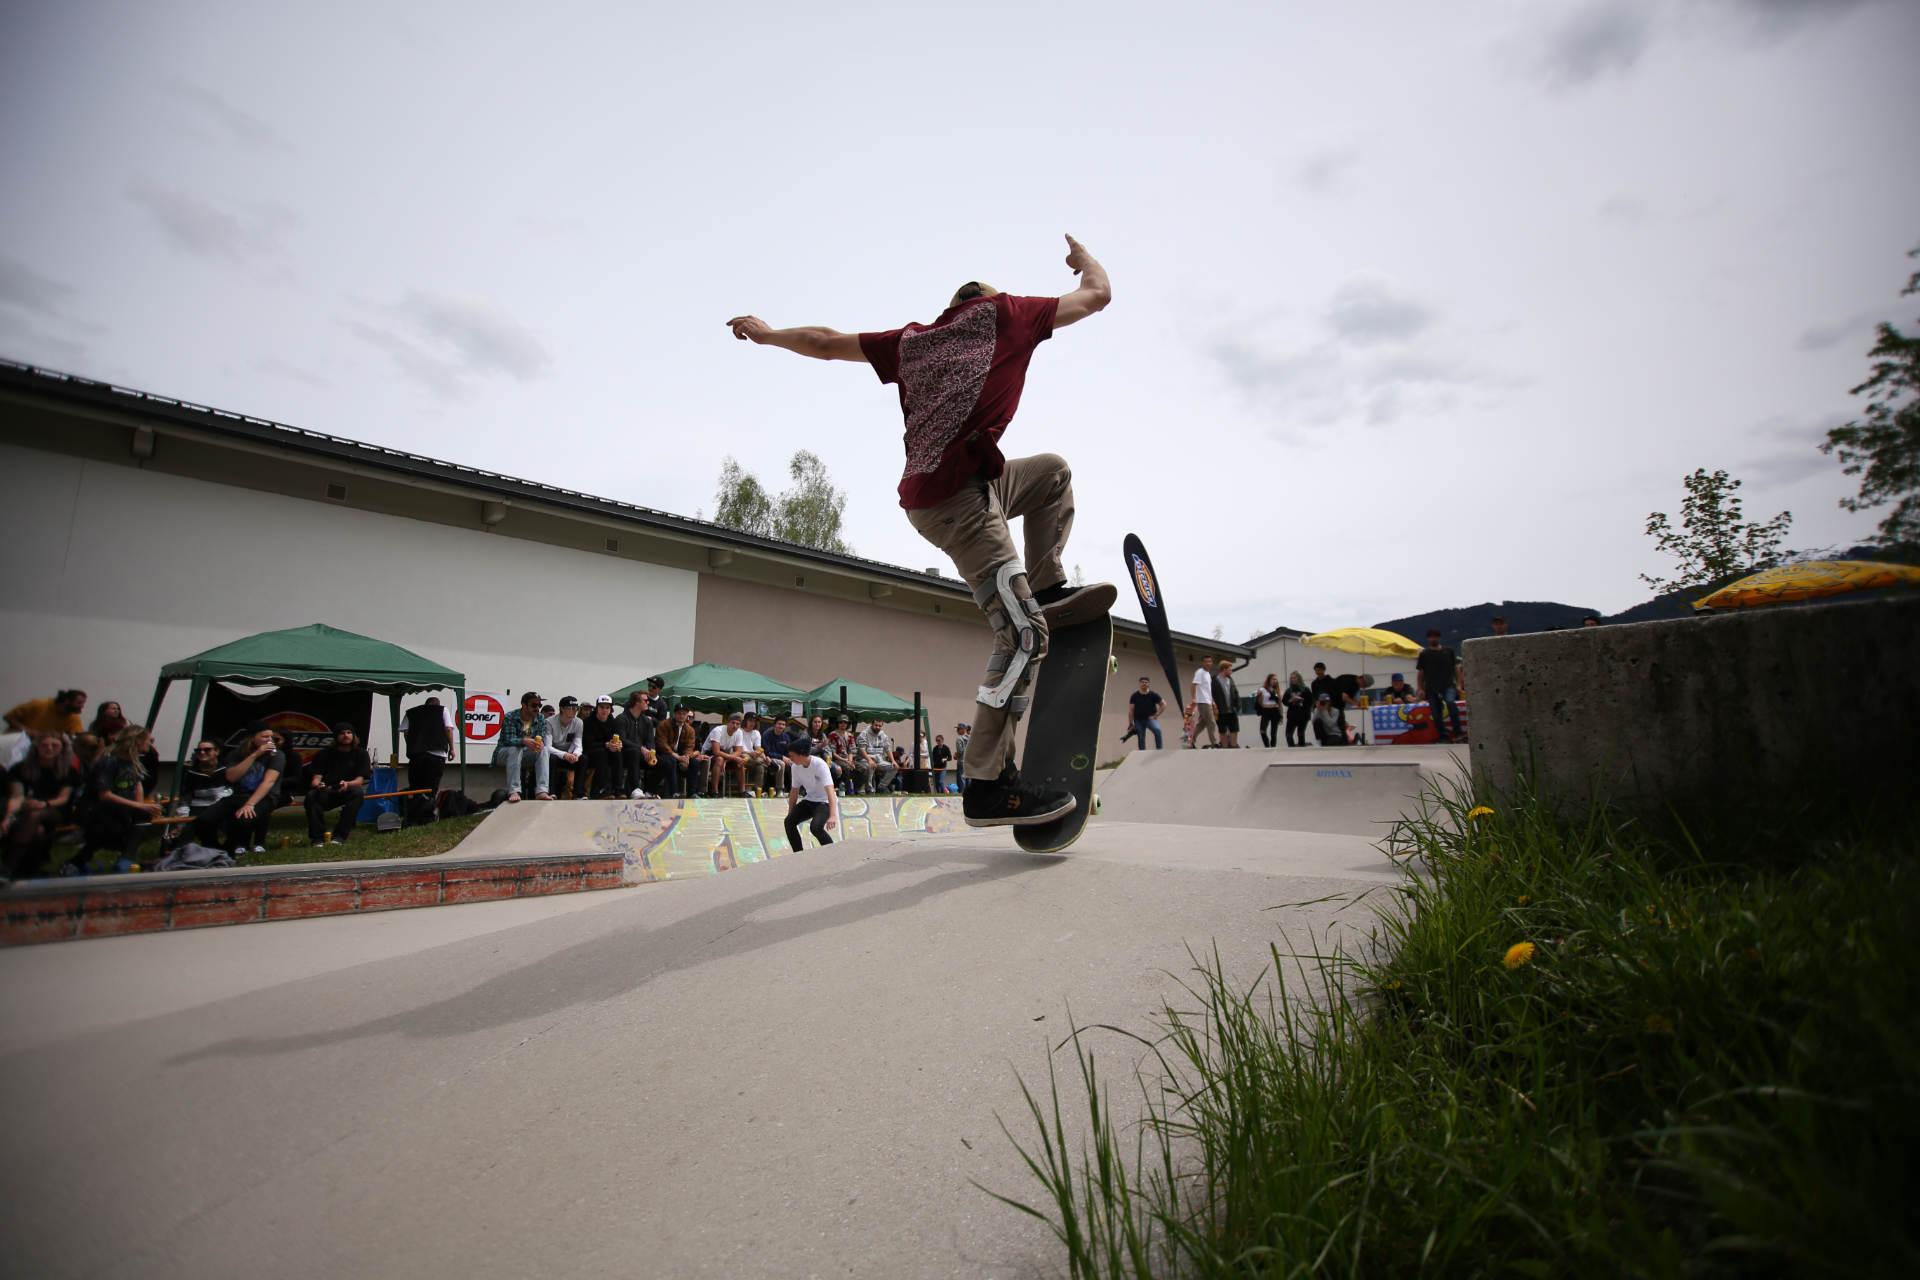 skateboard headz fieberbrunn kgt kitz gau trophy 2019 saalfelden hell00001